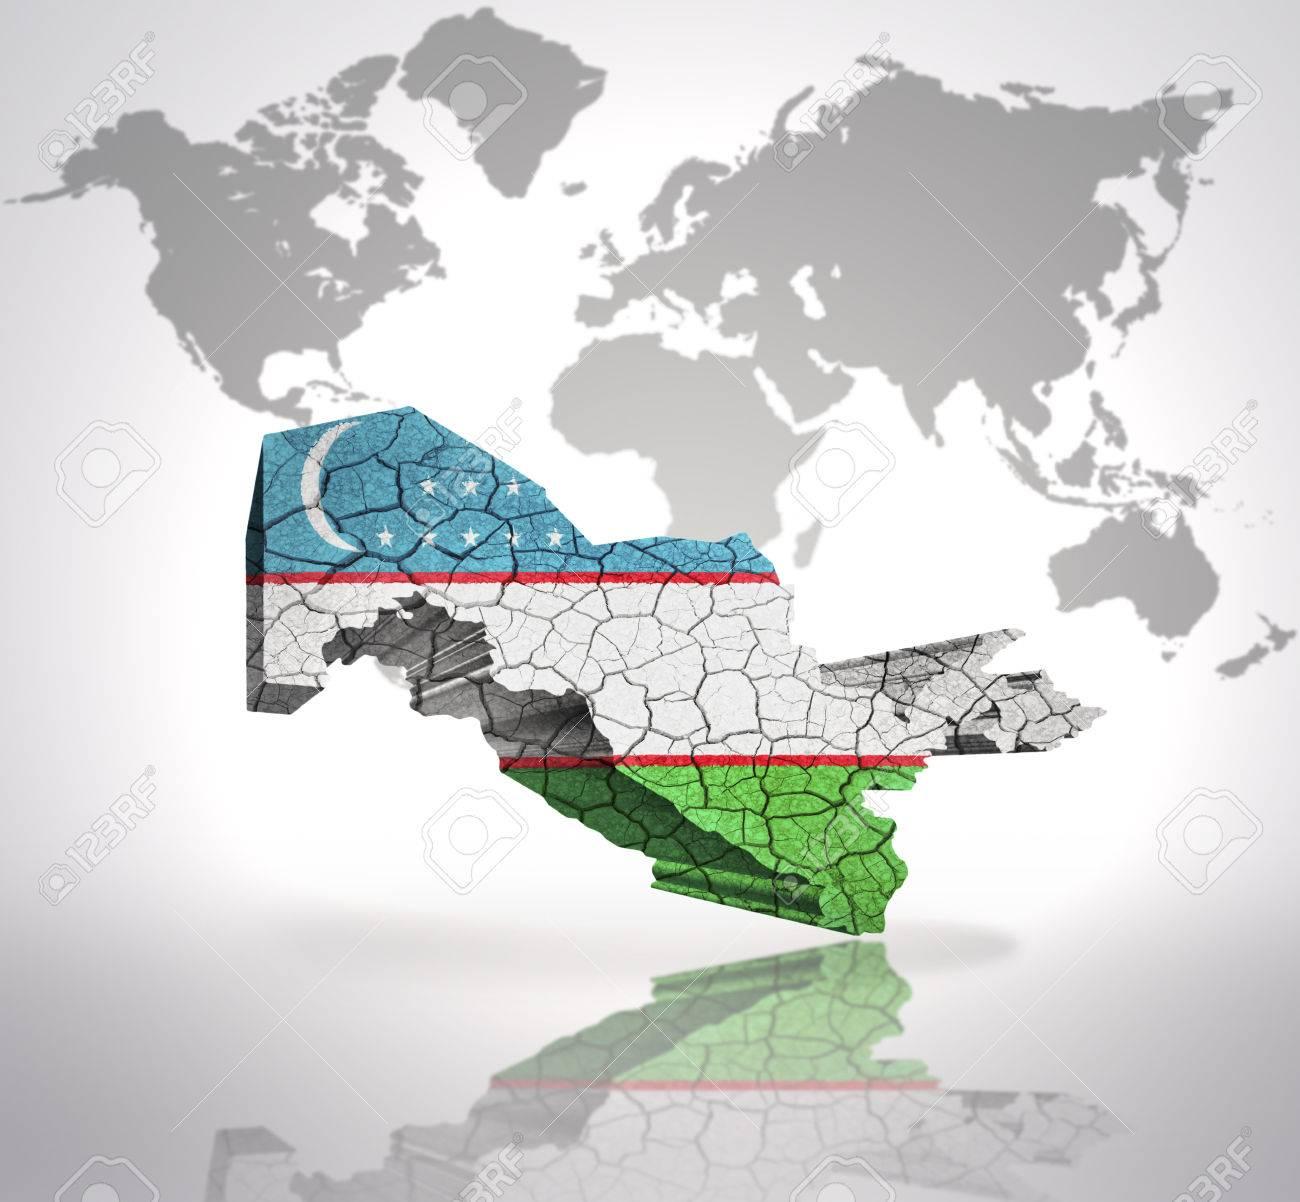 Map of uzbekistan with uzbek flag on a world map background fotos map of uzbekistan with uzbek flag on a world map background foto de archivo 32873824 gumiabroncs Choice Image